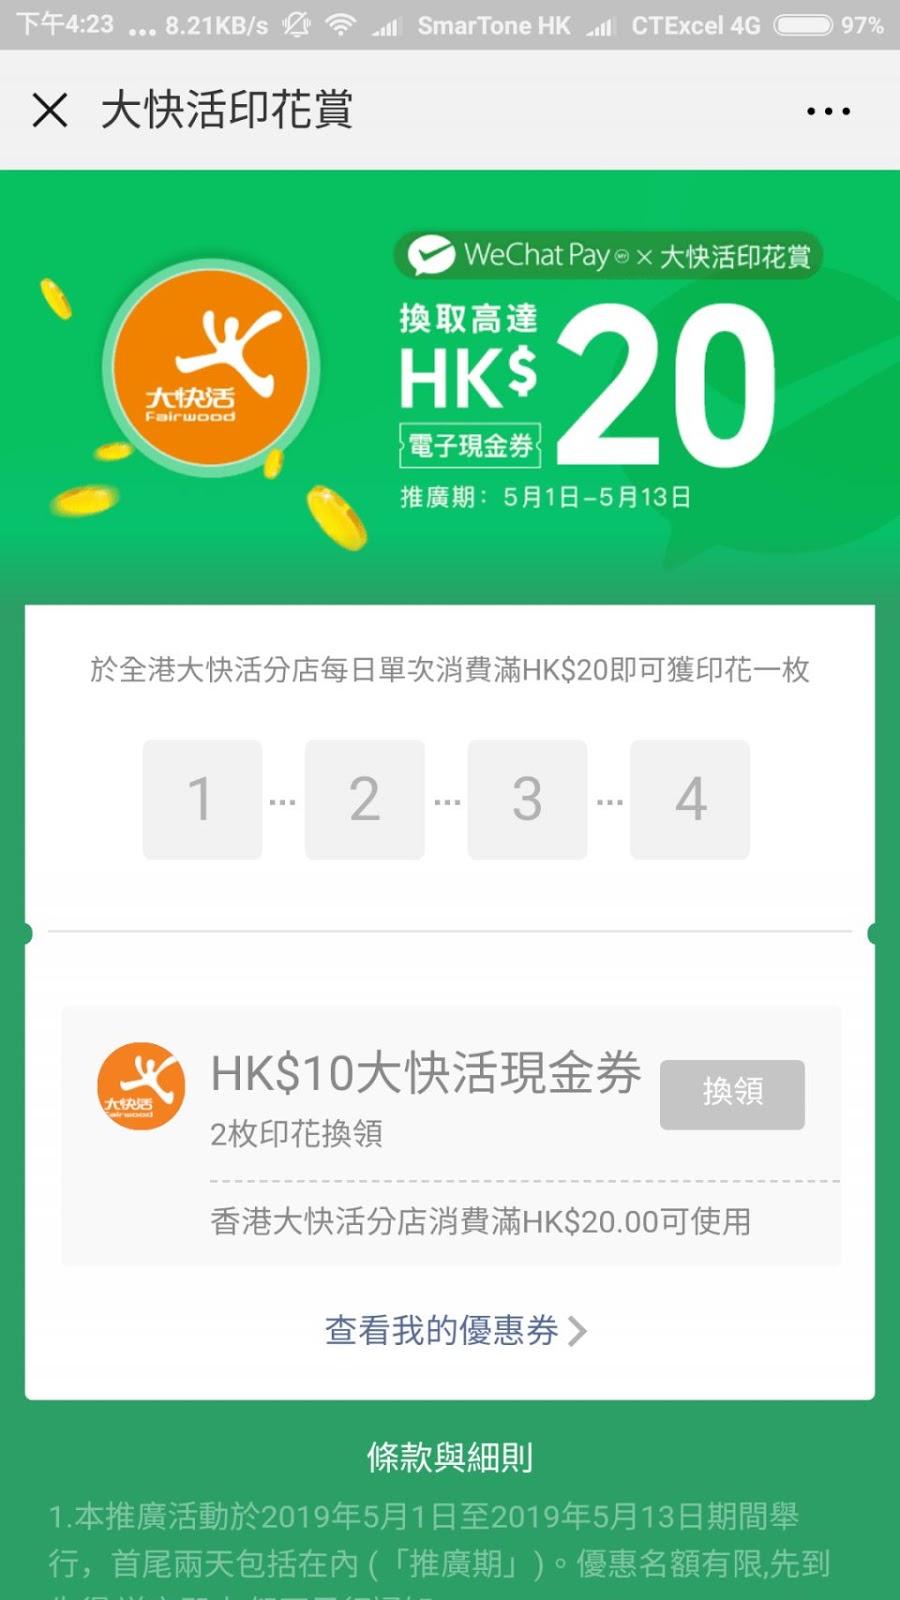 (Wechat Pay) 大快活印花賞 | 香港信用卡極客 - 最實用的信用卡優惠指南/賺錢指南